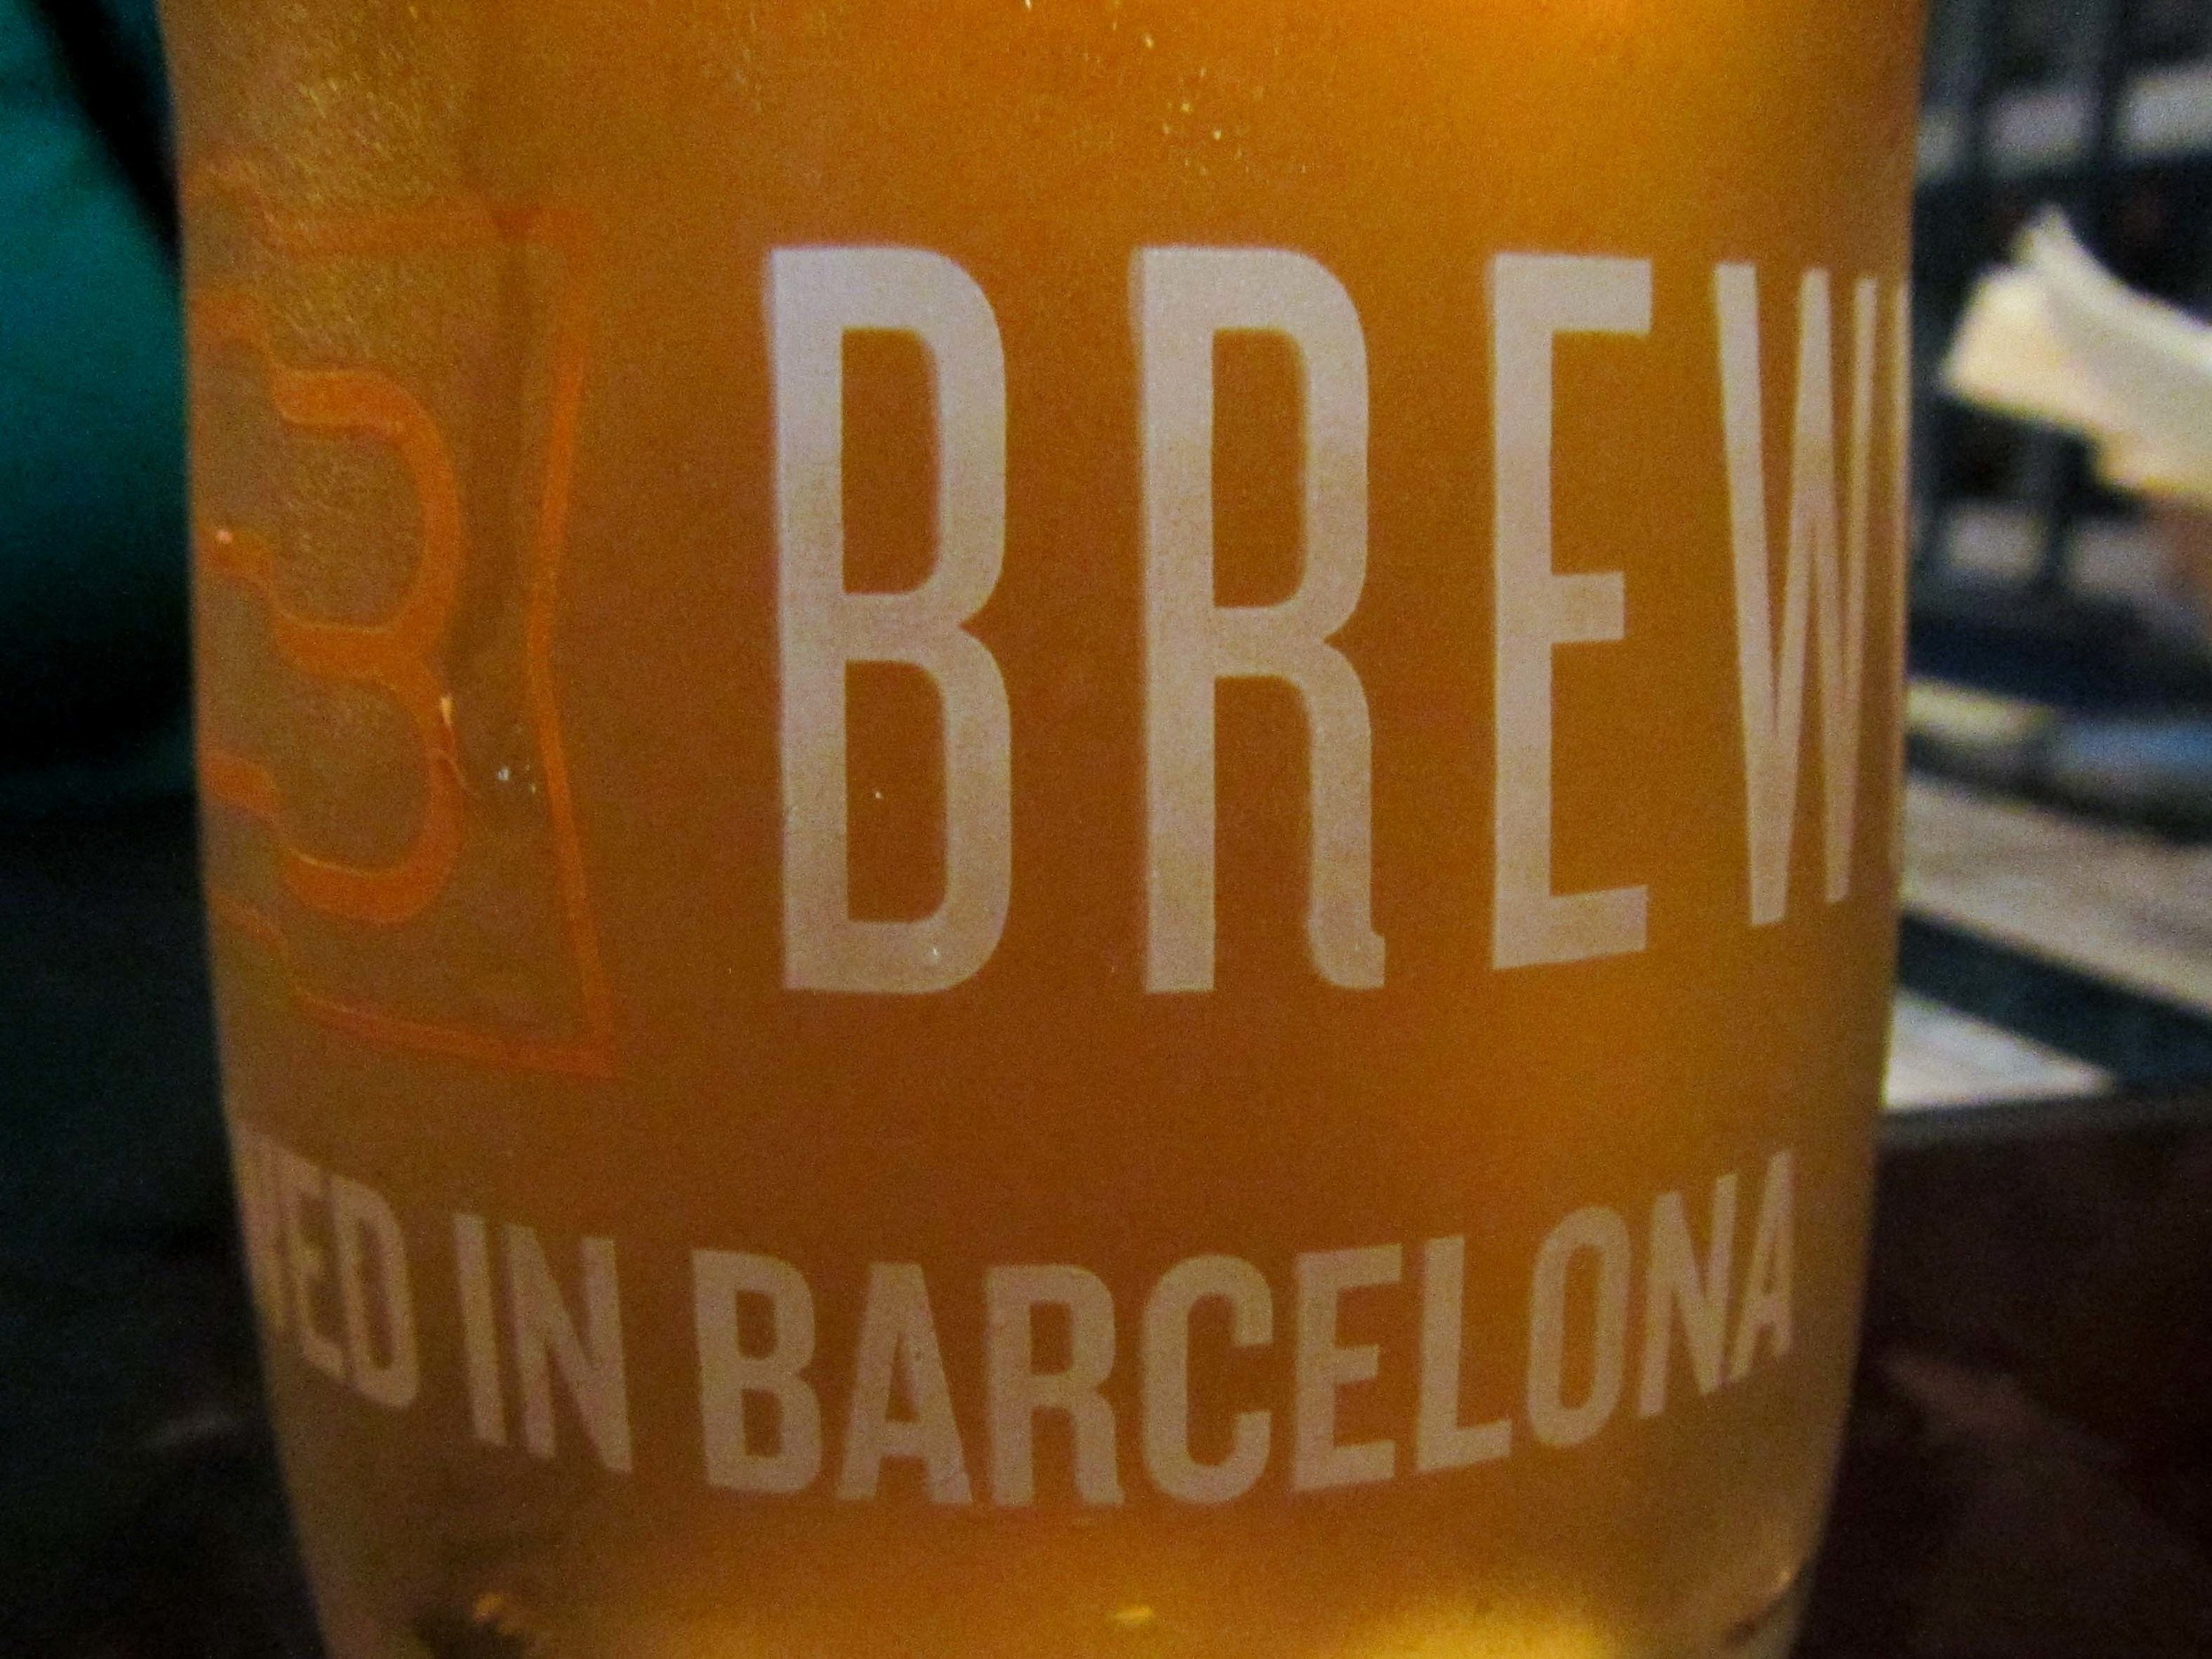 craft beer!!!!! Albeit from Scotland, but still, Craft beer!!!